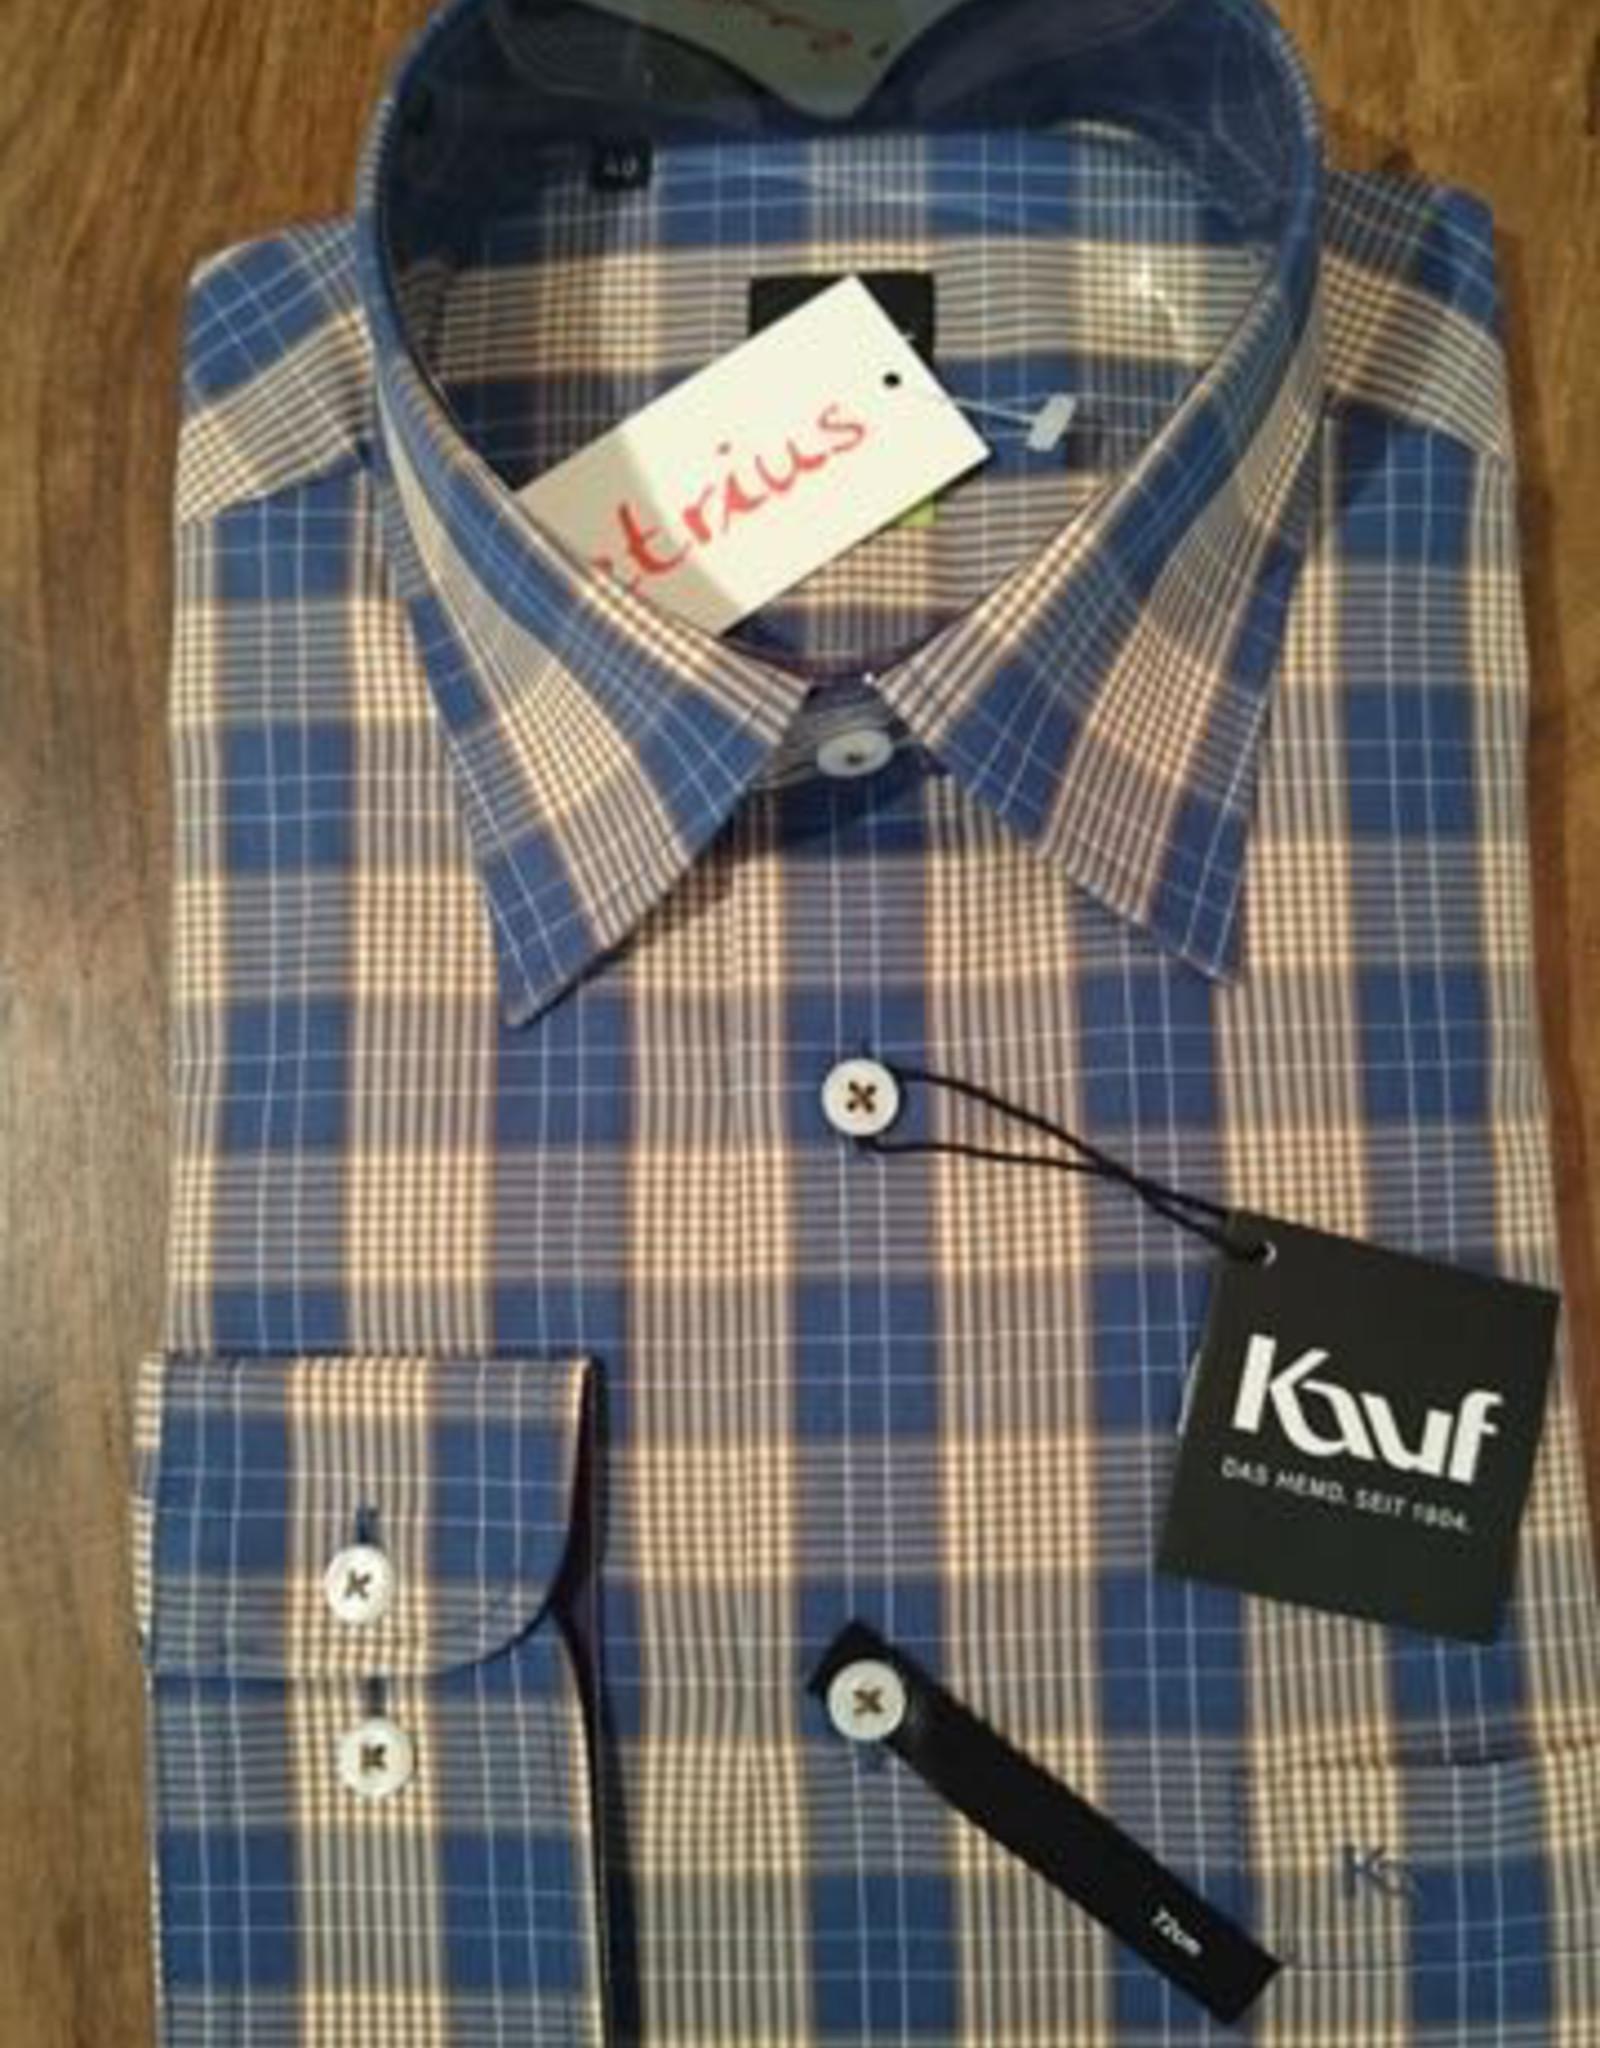 Kauf Kauf Slimfit H-Hemd, tailliert, karro